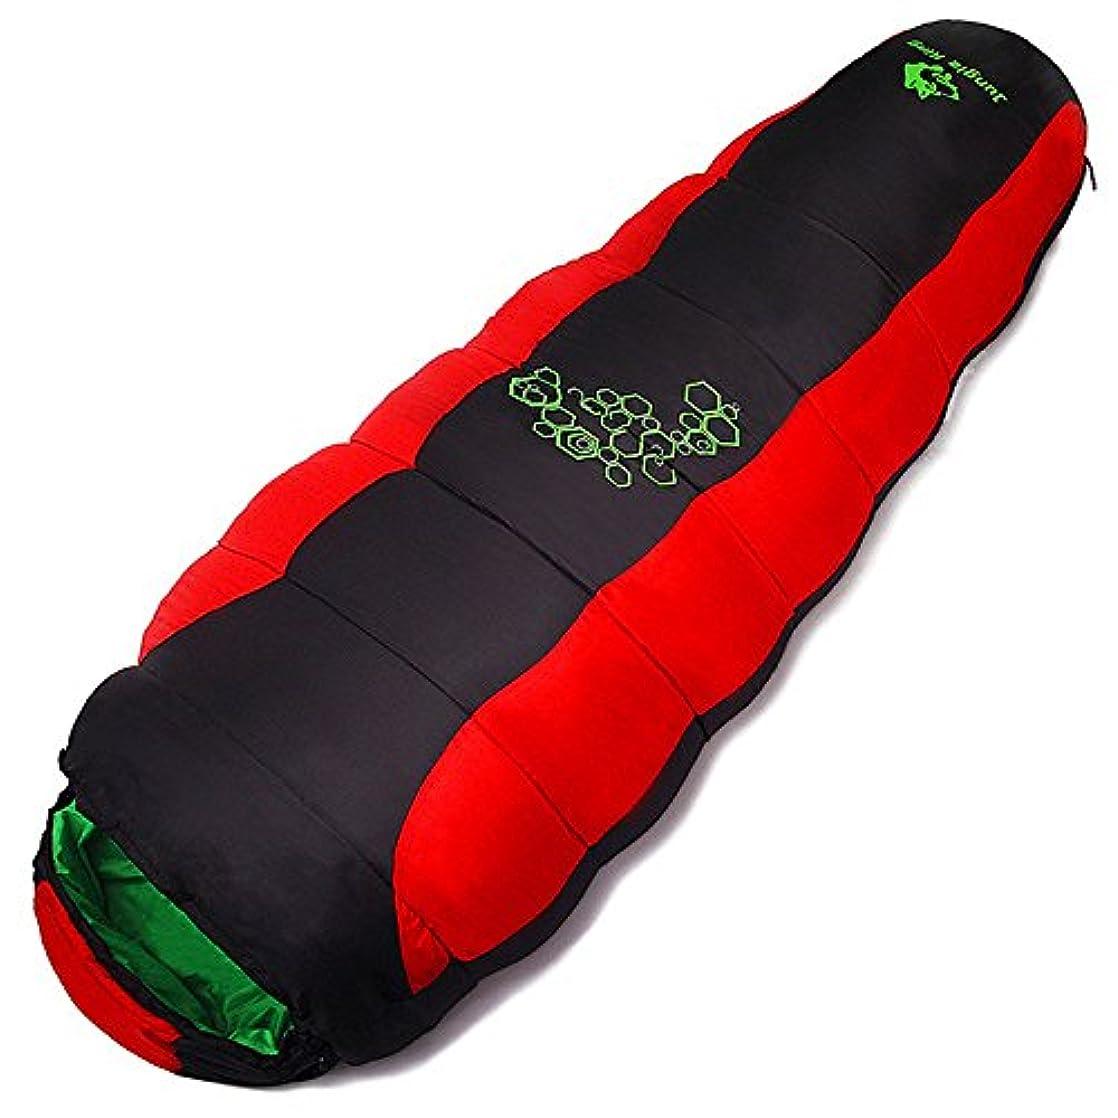 プレミアナラーバー舌Okiiting 超軽量の暖かい寝袋ポータブルキャンプの寝袋単一のデザイン通気性の防湿便利な圧縮赤い寝袋 うまく設計された